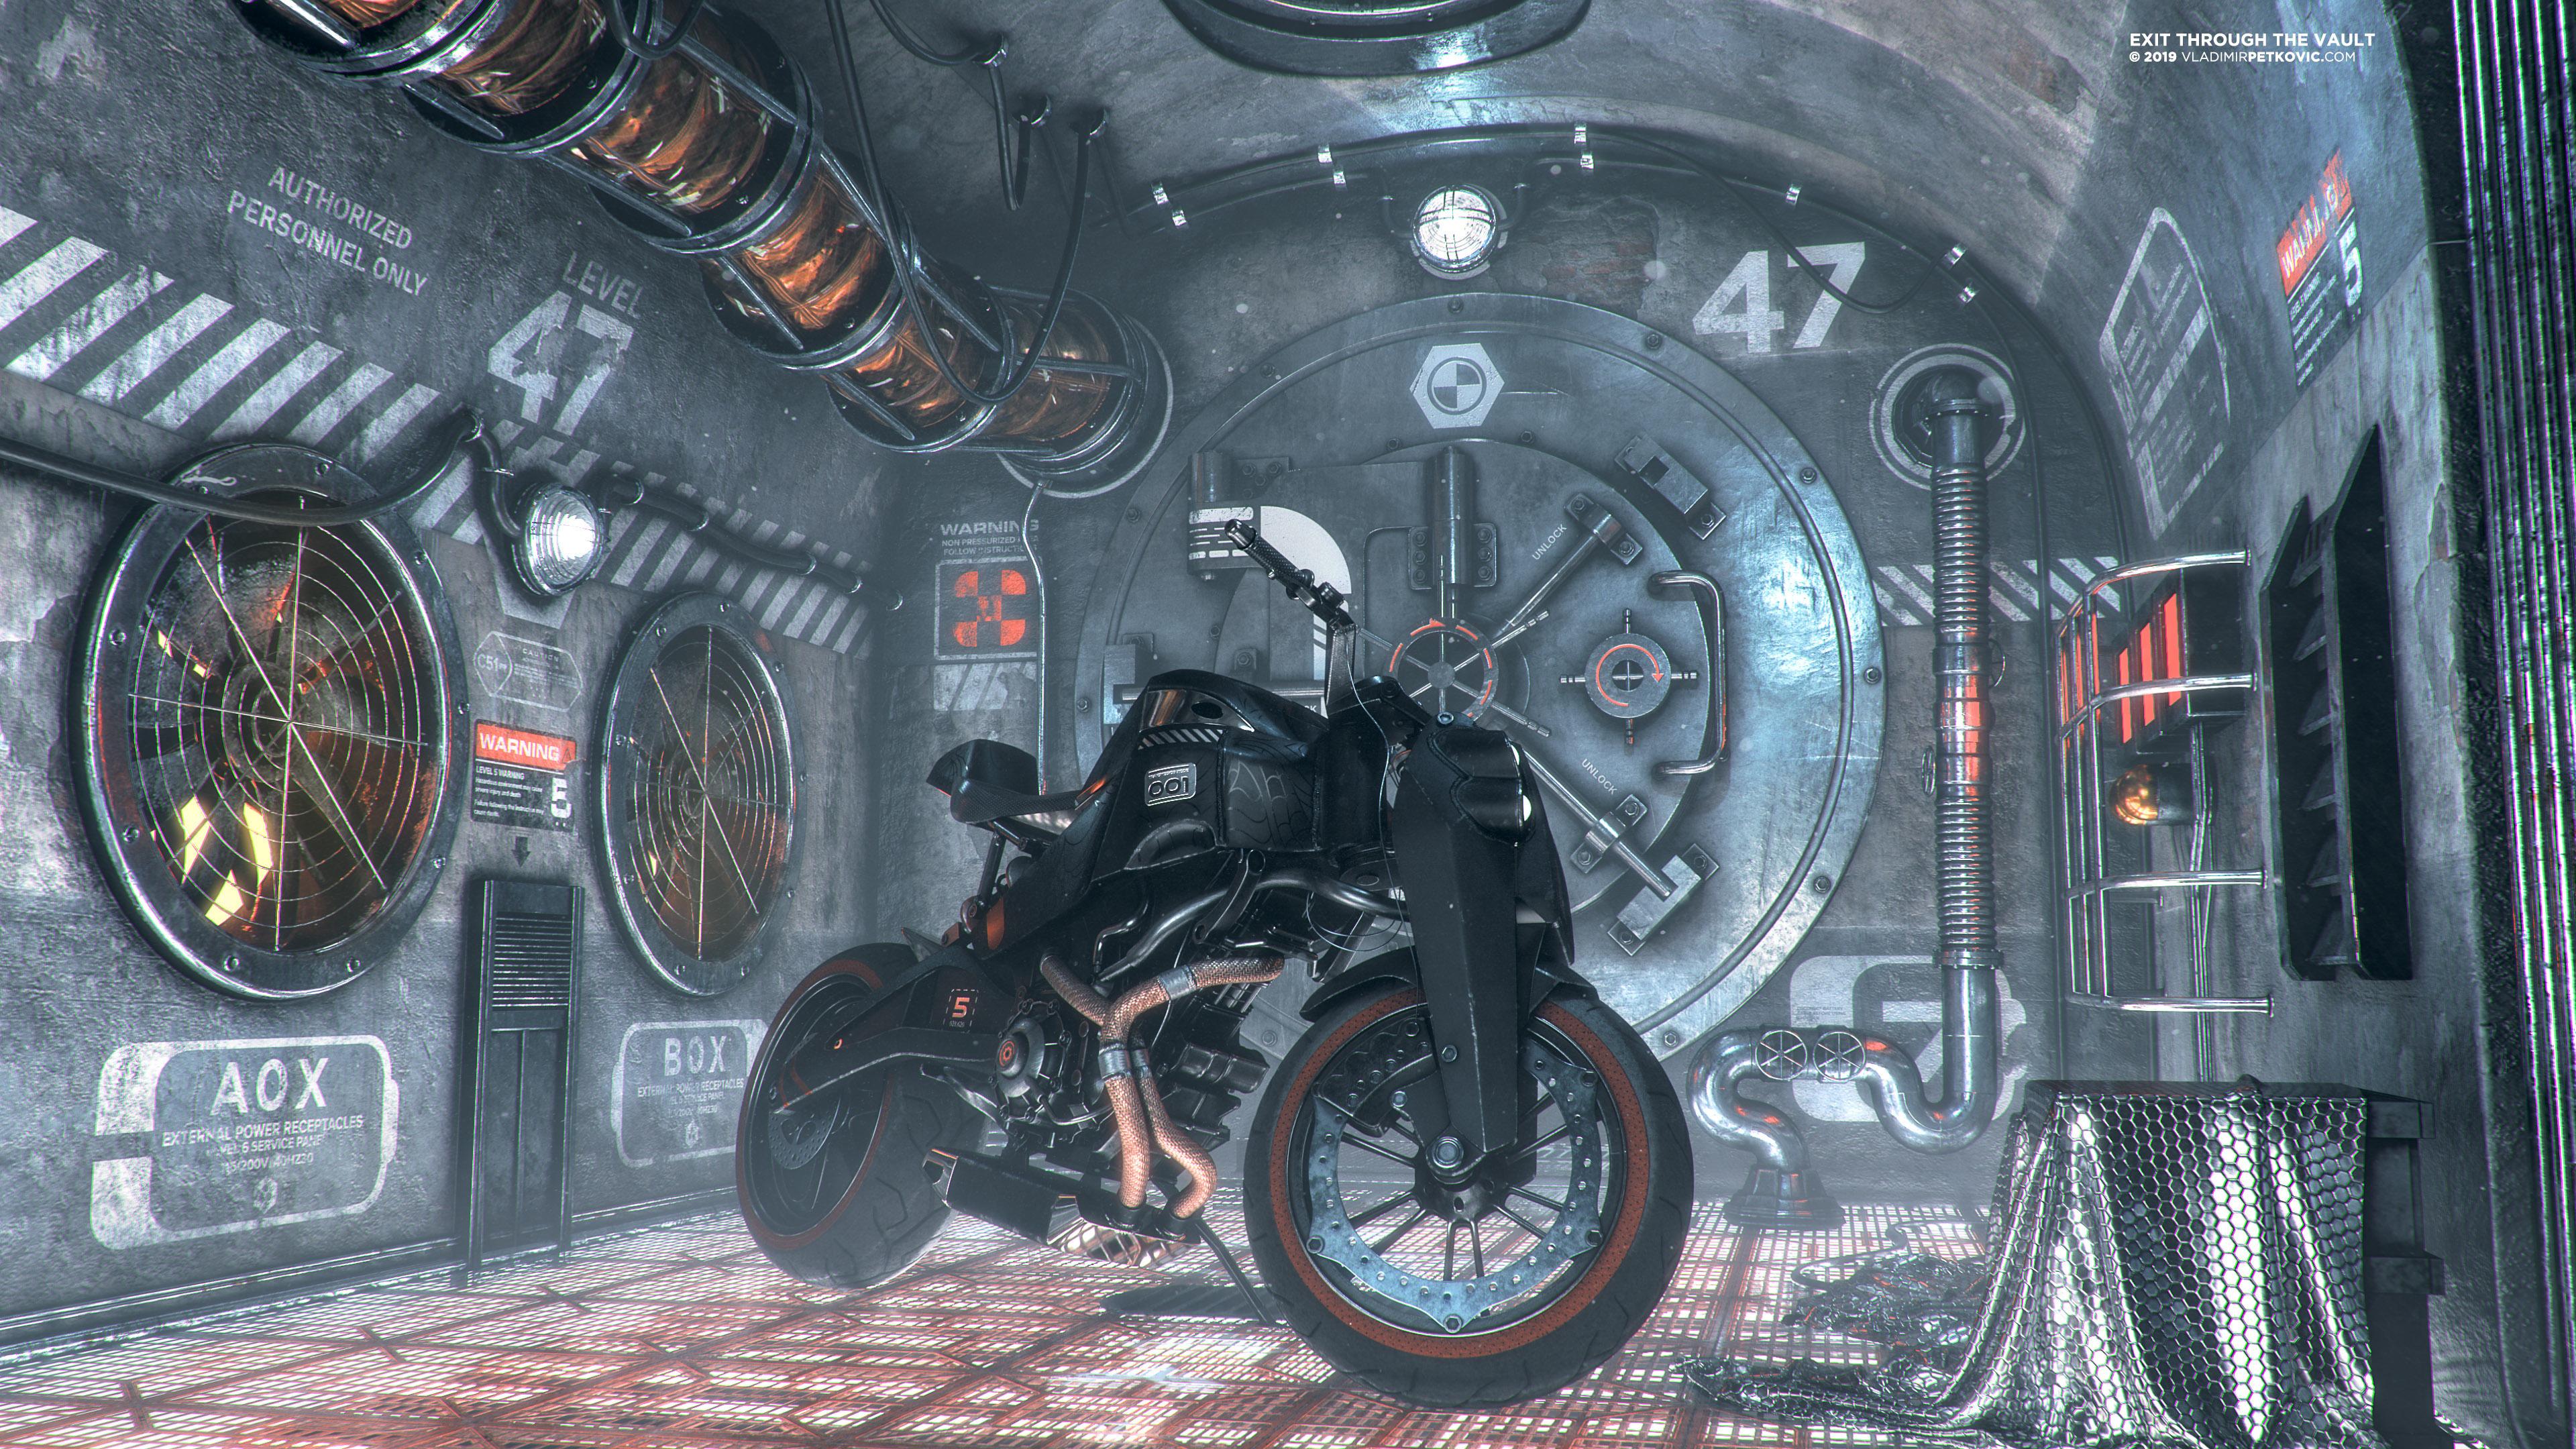 custom bike 1565055848 - Custom Bike - hd-wallpapers, bikes wallpapers, behance wallpapers, 4k-wallpapers